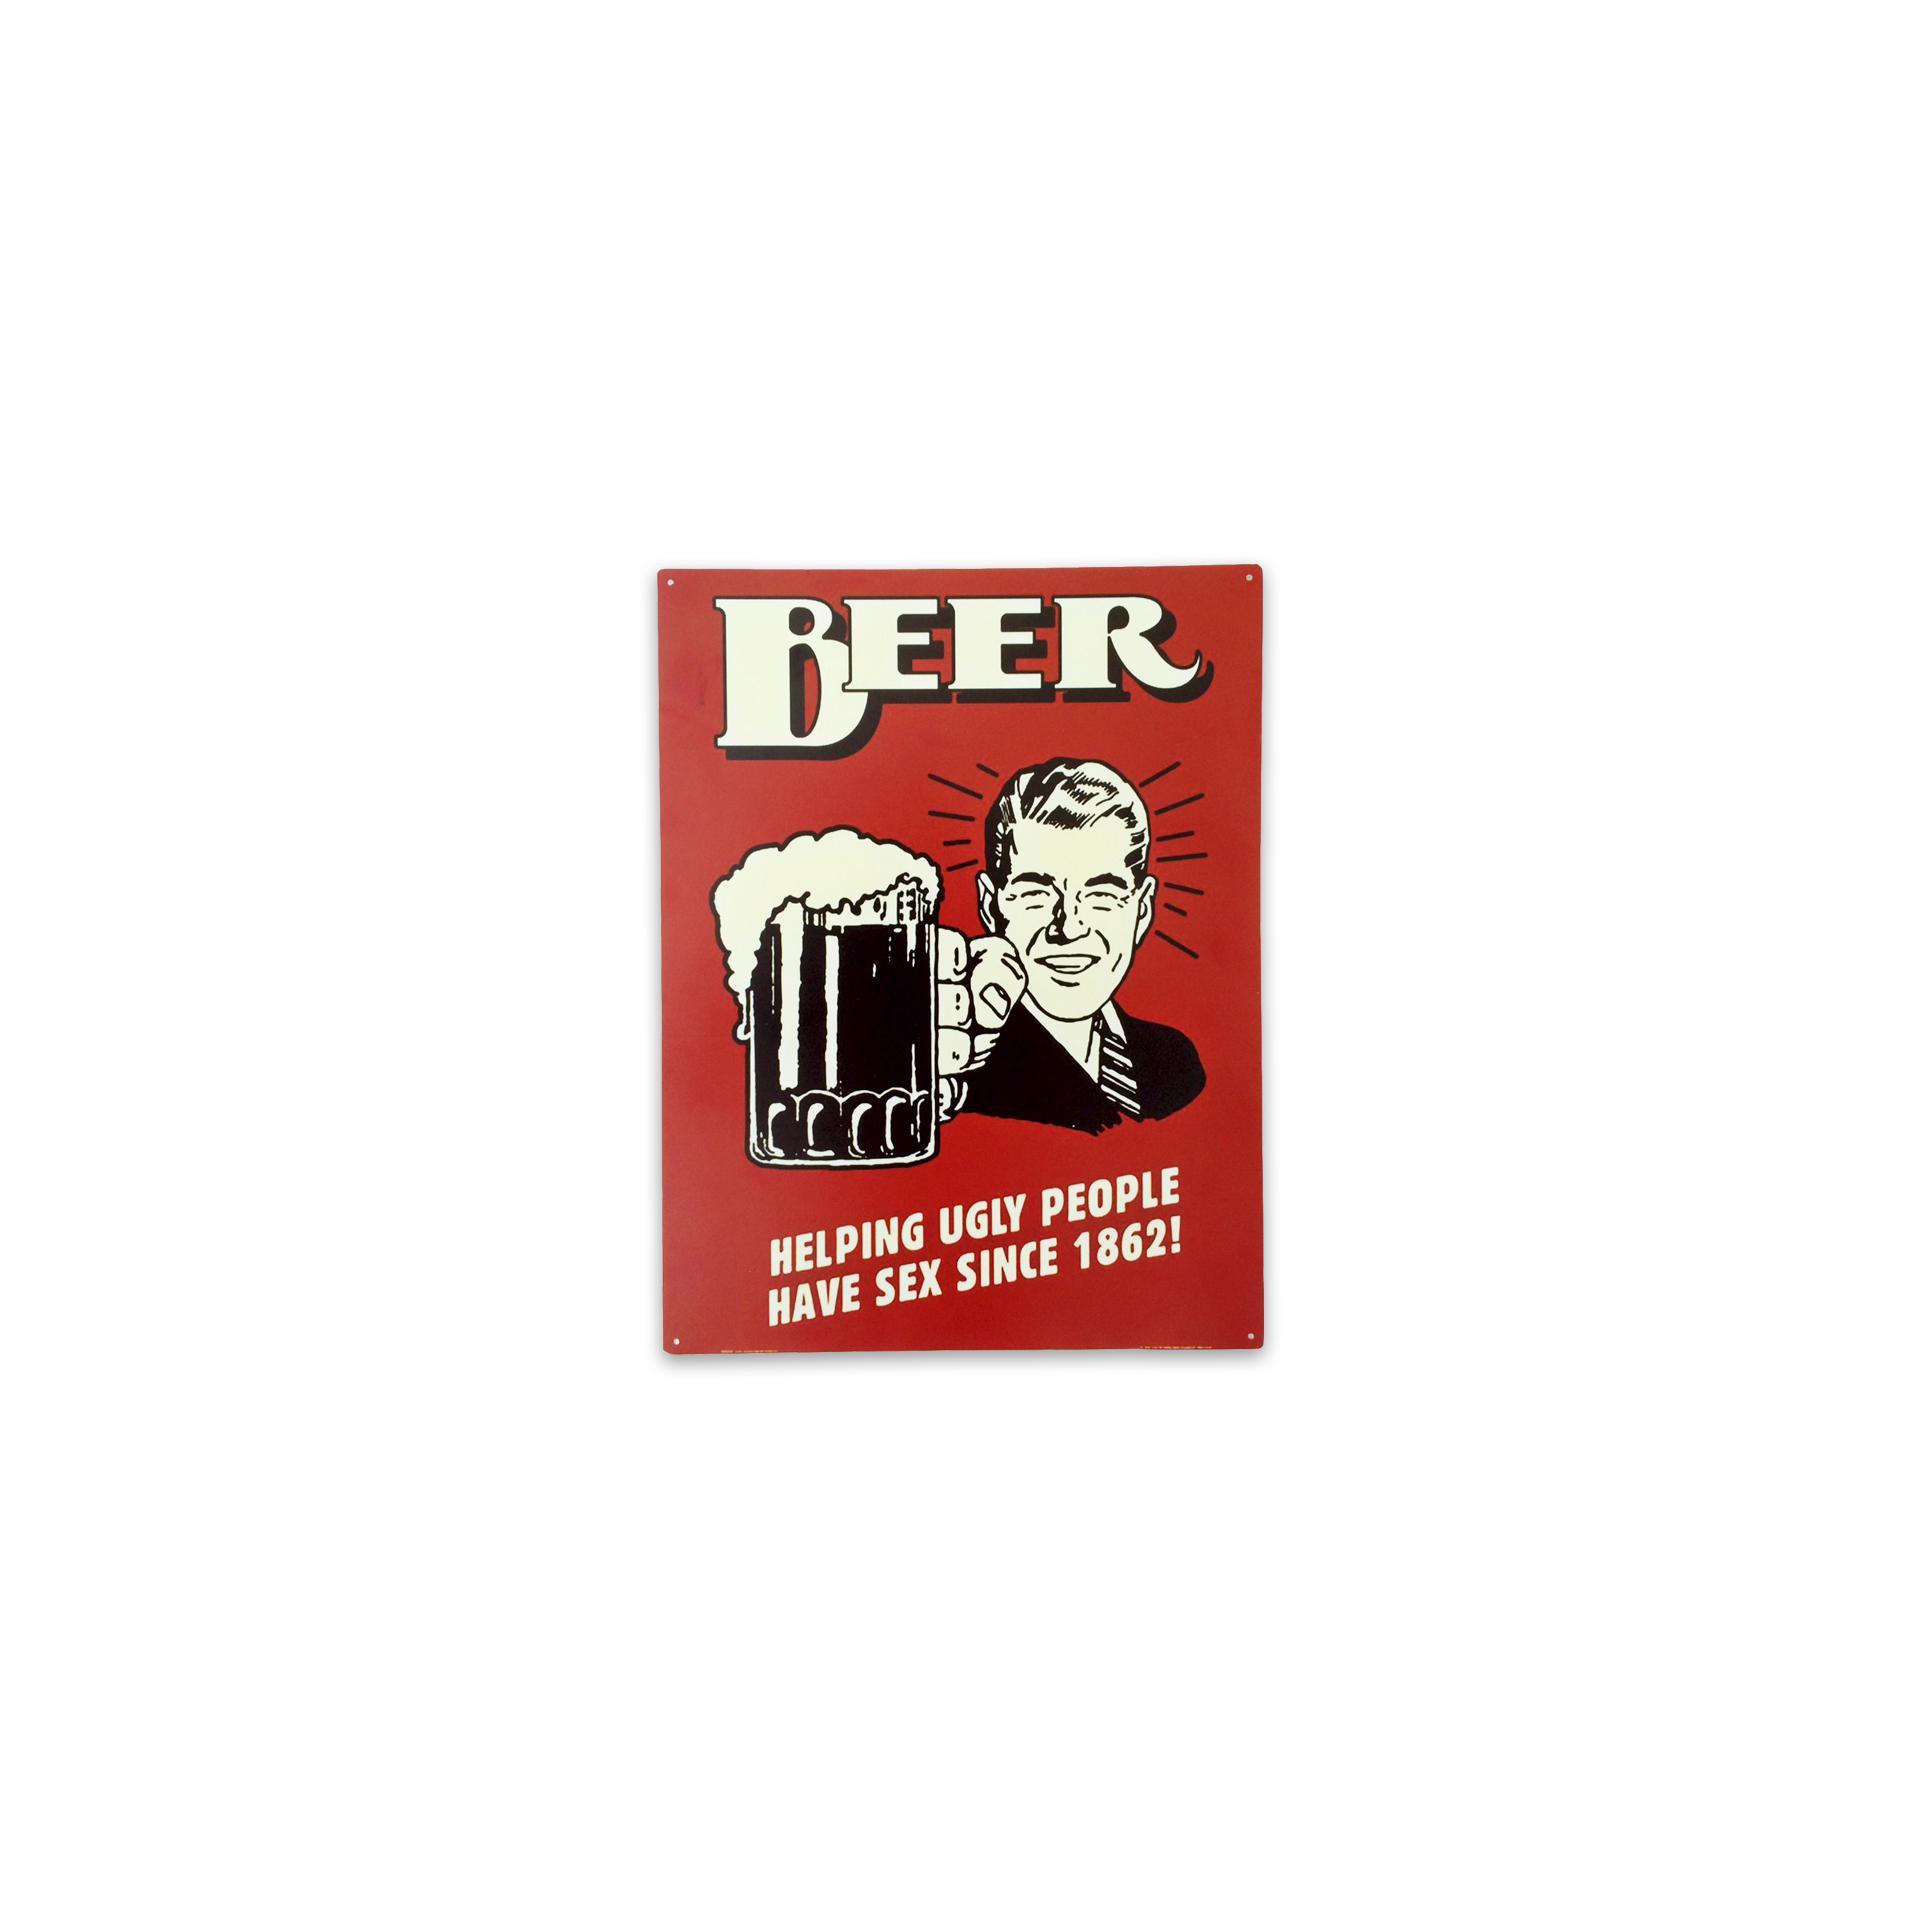 Placa Decorativa - Beer (vermelho) - 39x30 Cm - All Classics